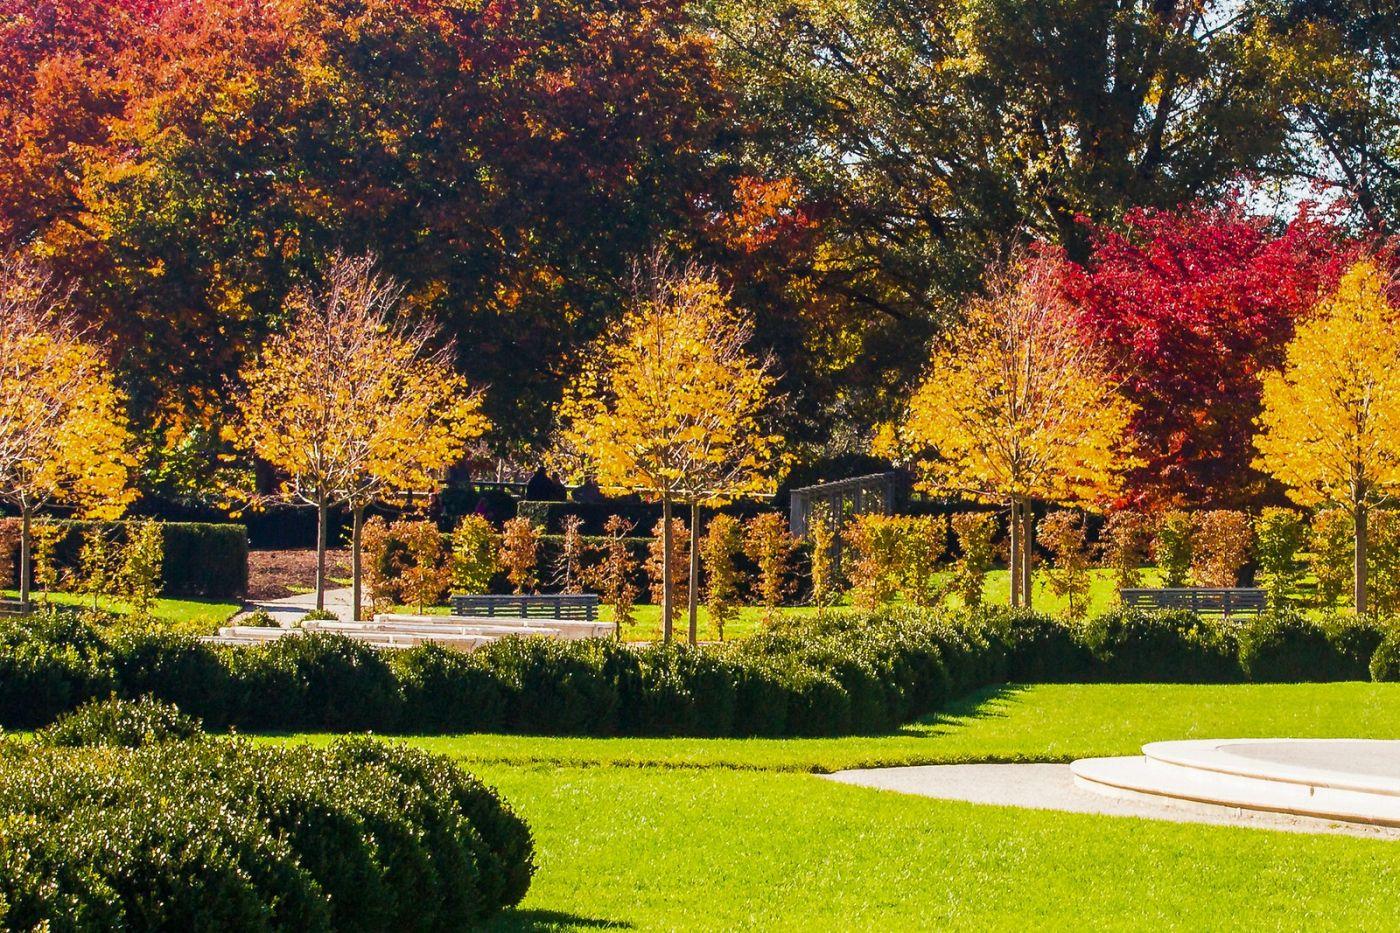 宾州长木公园,熟悉的景色_图1-31